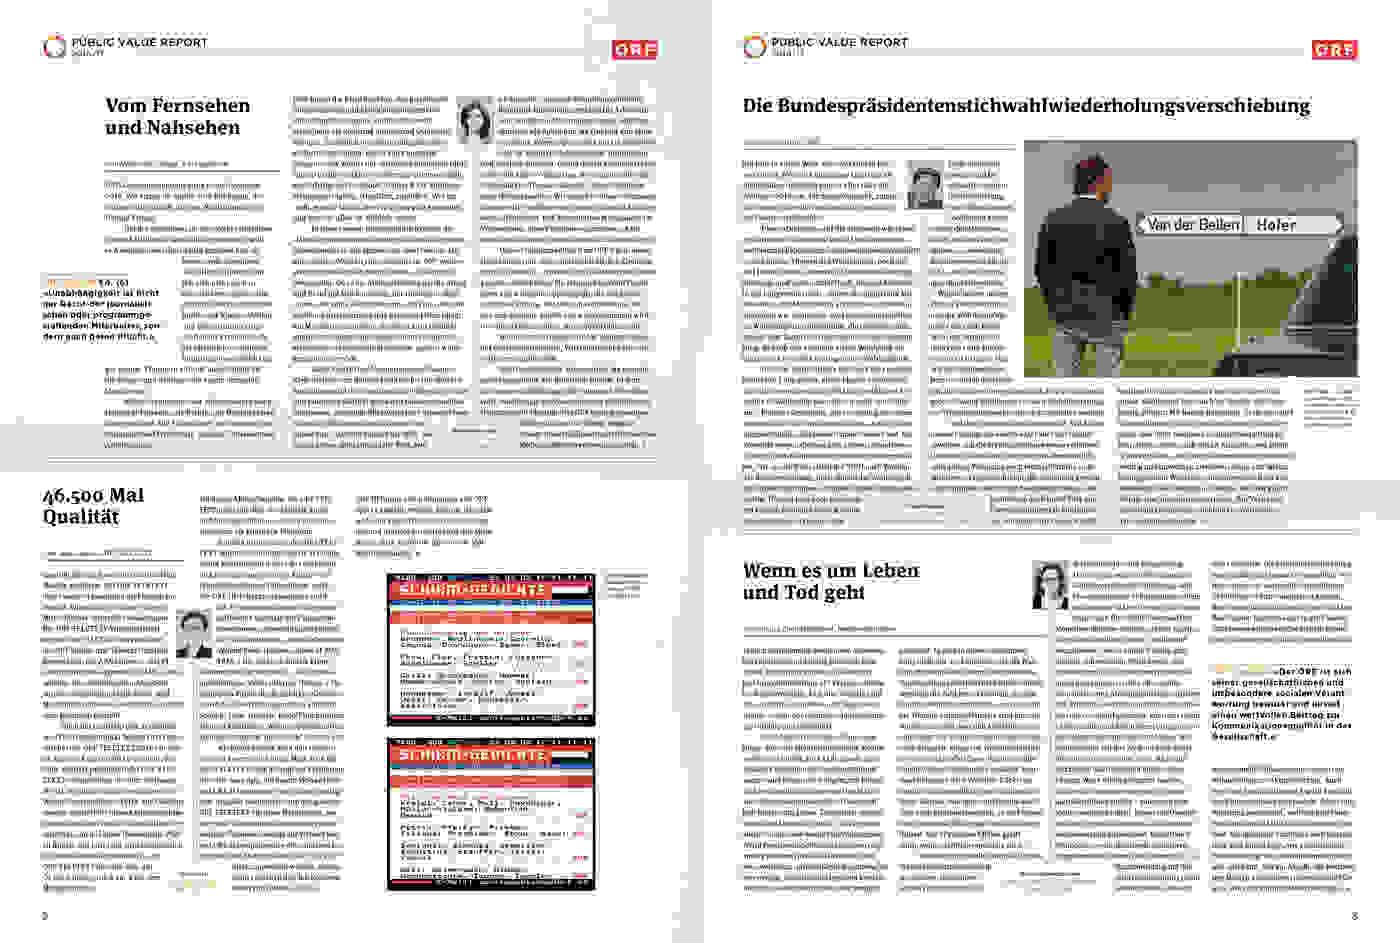 ORF PV 16 17 flat Dummy Zeitung Doppelseite 2